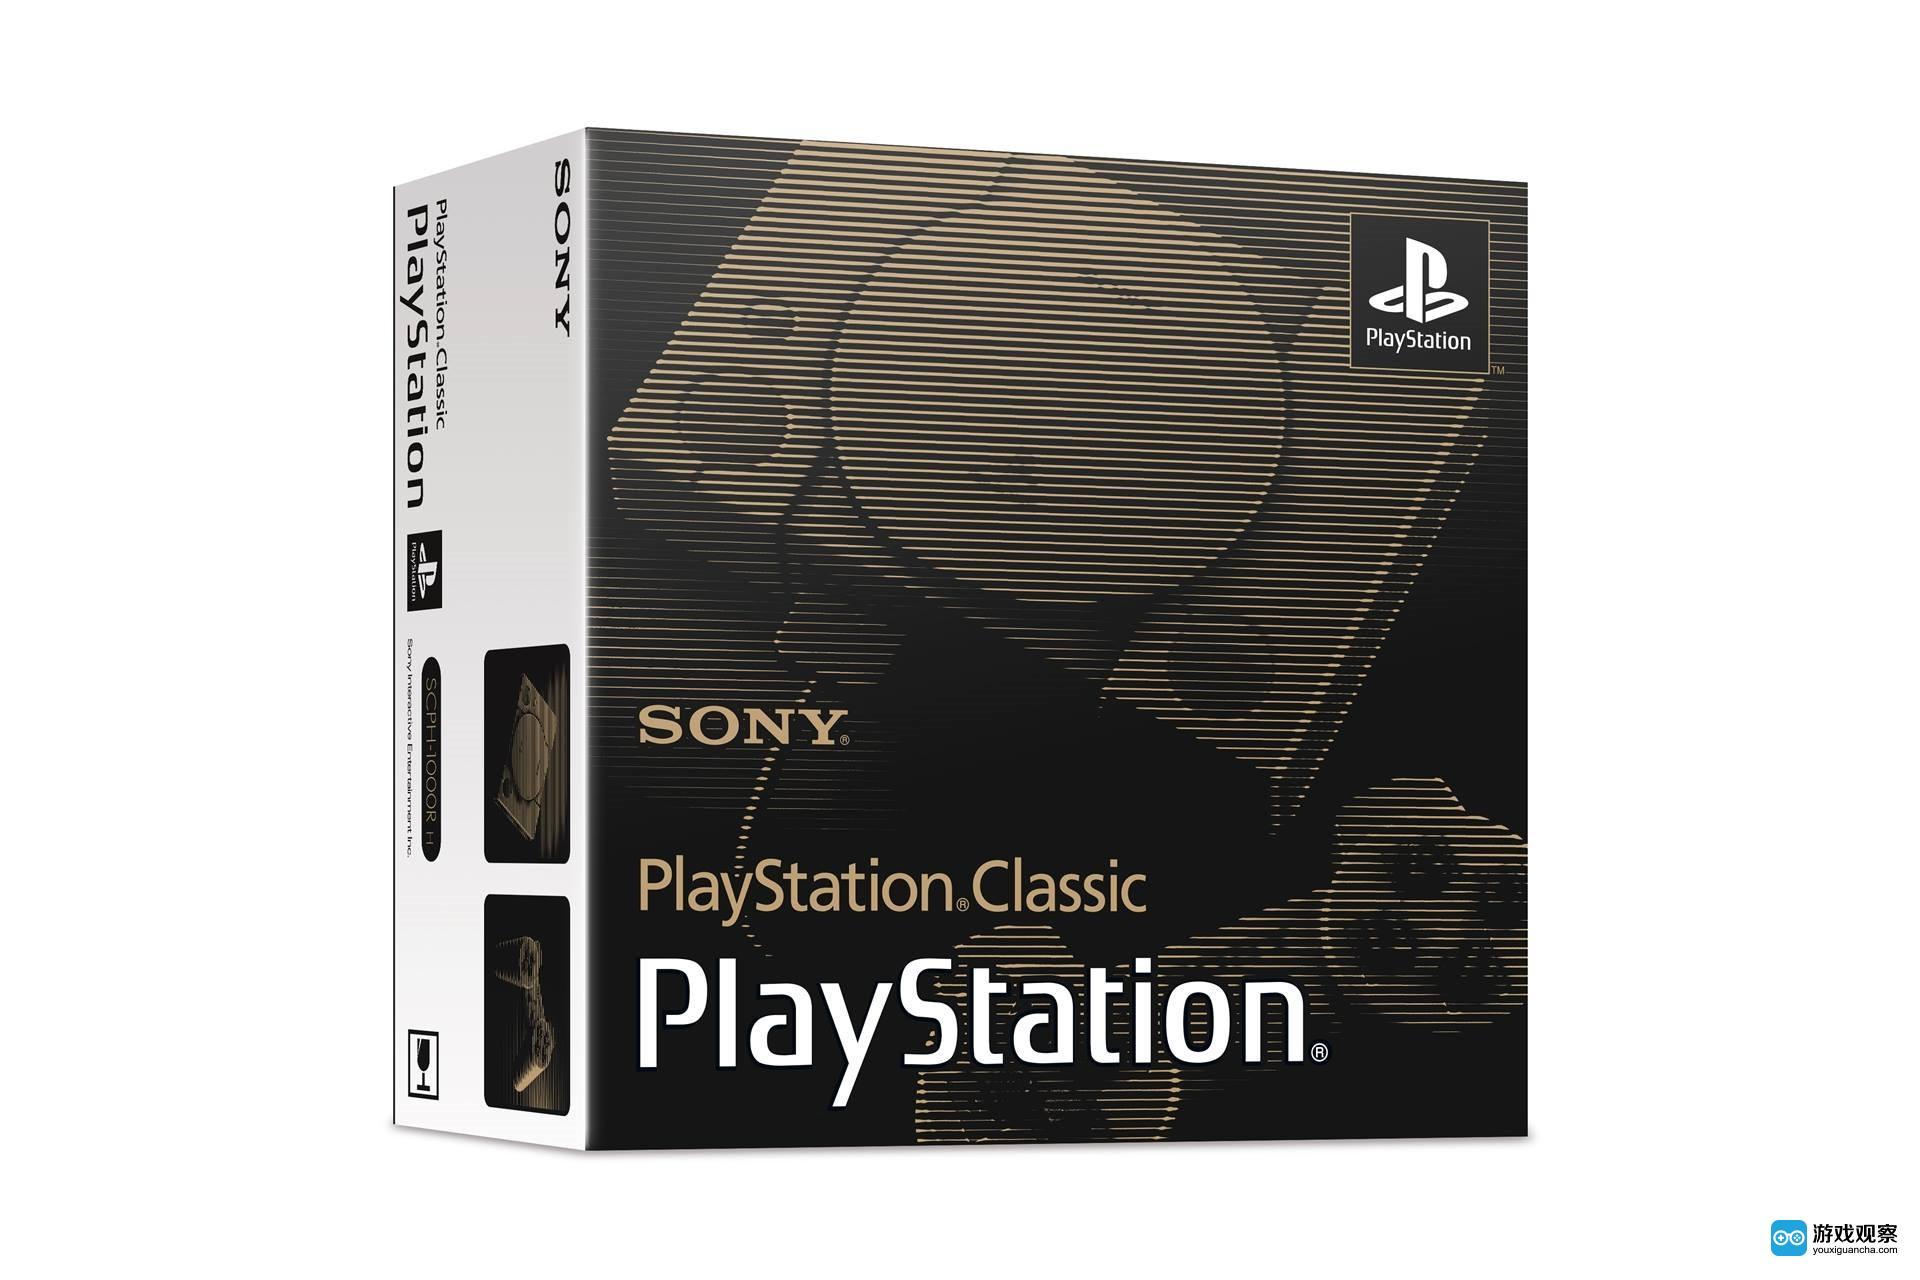 索尼推出迷你PlayStation主机 定于12月3日发售